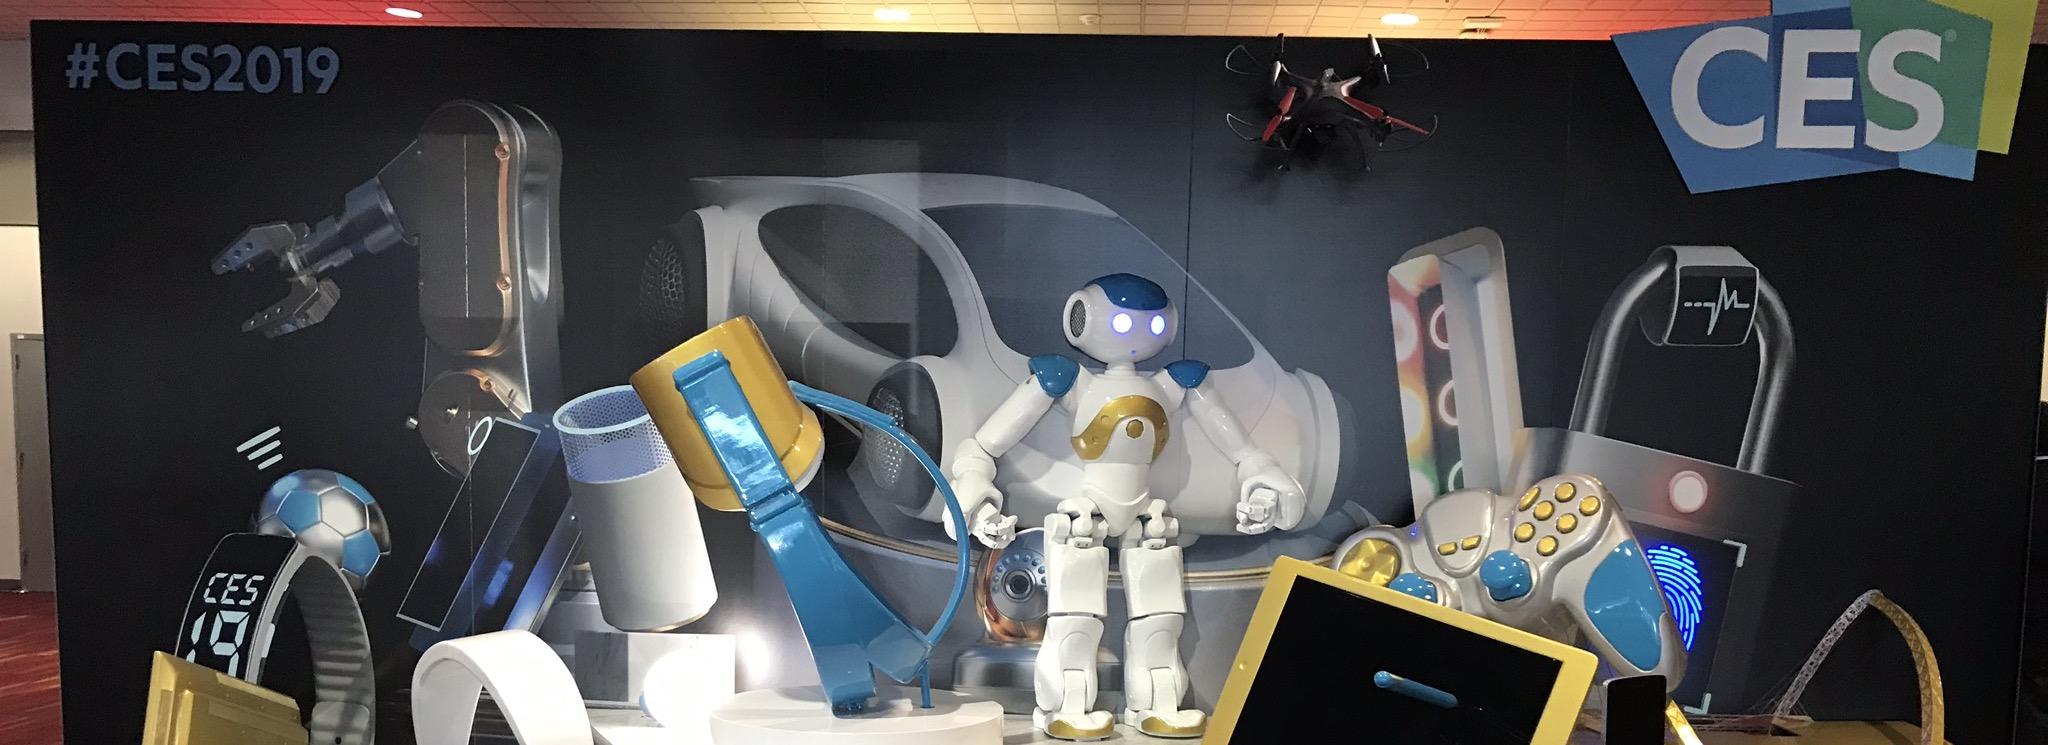 Plein de nouveautés high tech pour les enfants au CES 2019 de Las Vegas !